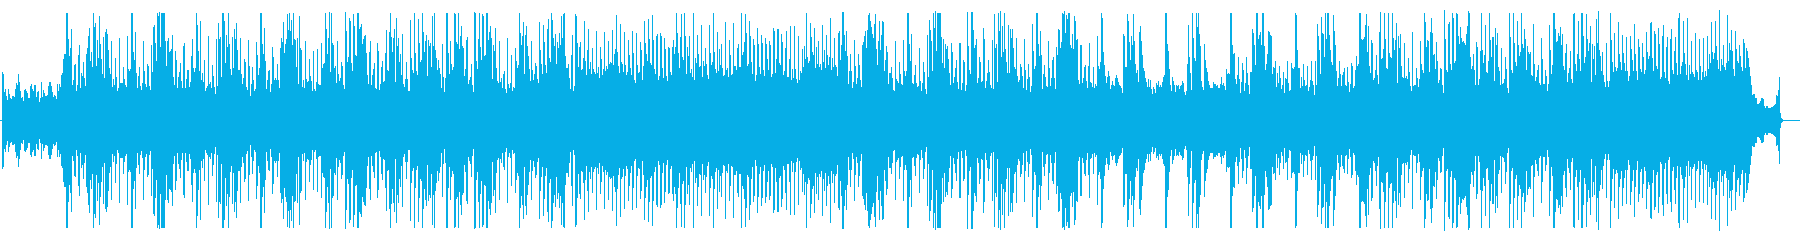 学校紹介 企業VP 爽やか 軽快 ピアノの再生済みの波形